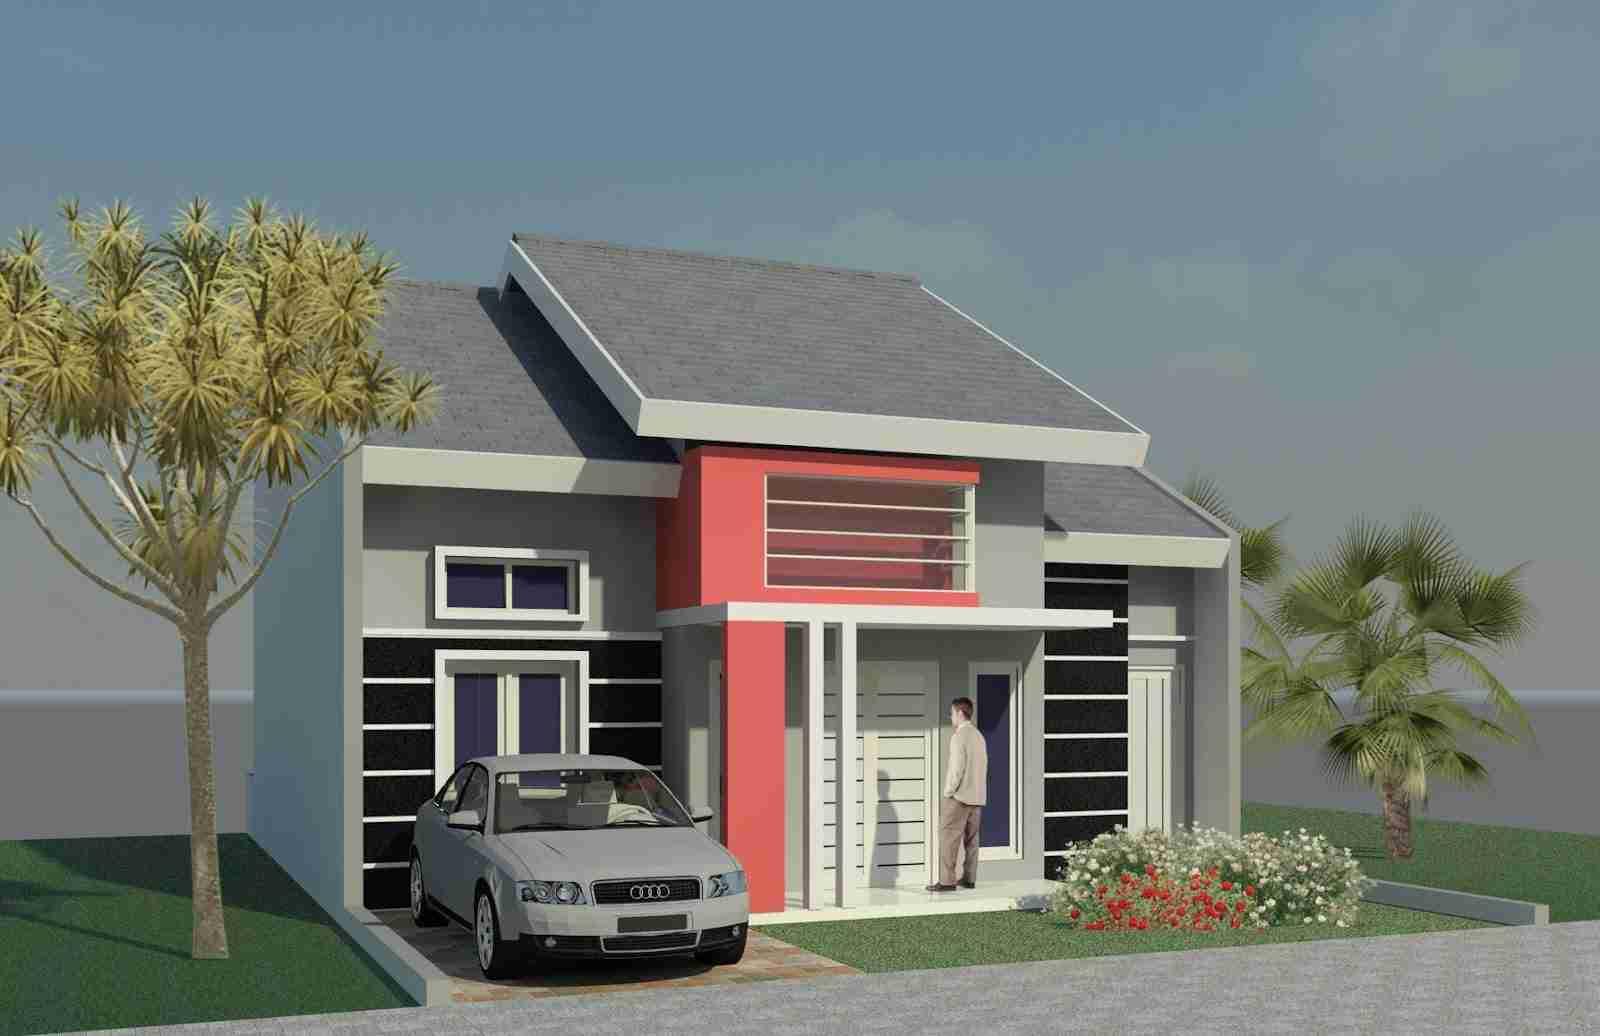 Desain Rumah Minimalis Warna Abu-Abu Merah